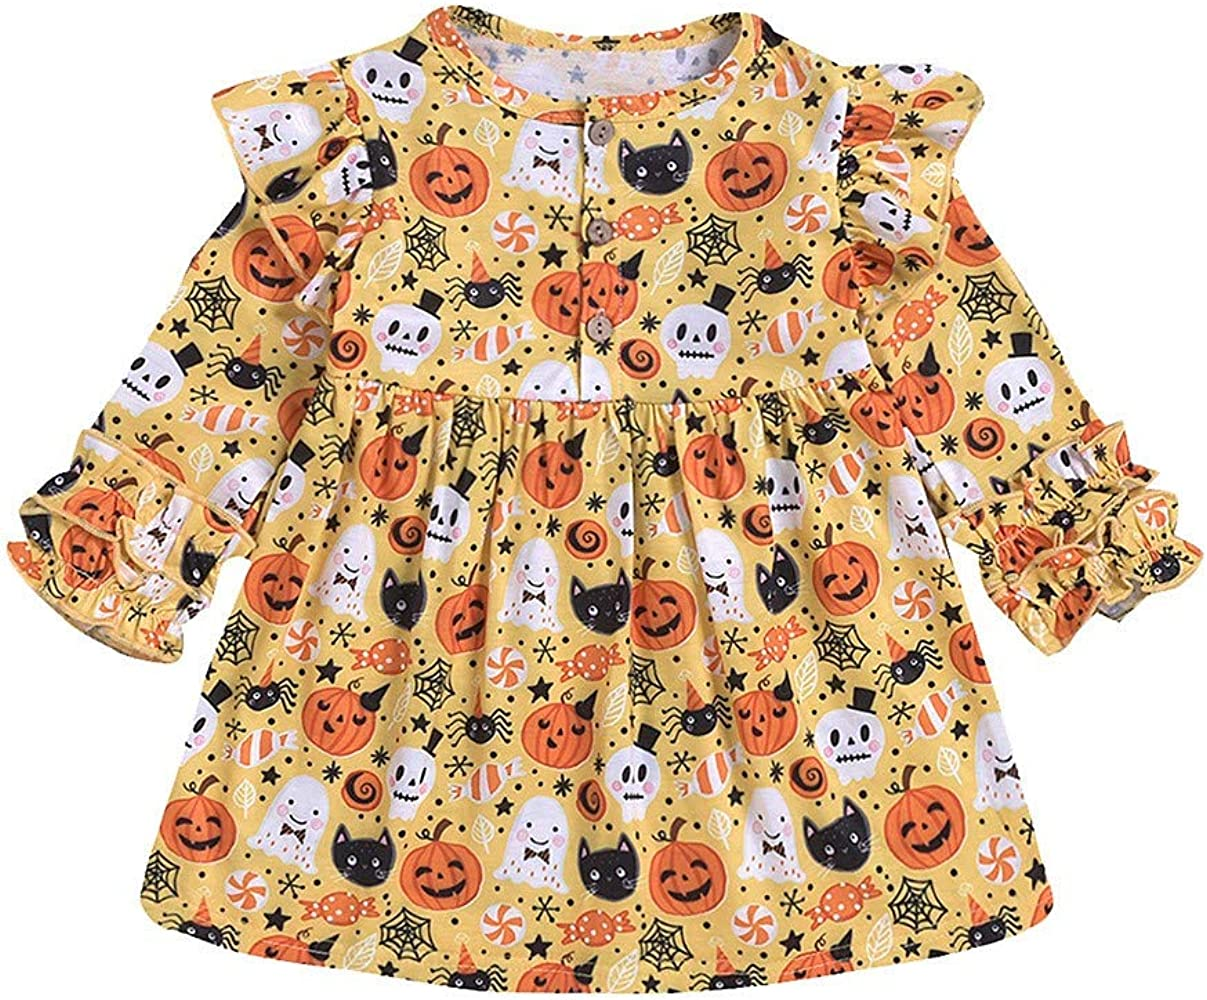 Falda NiñA, Ropa Bebe NiñA Halloween Manga Larga ImpresióN De Dibujos Animados Estampado De Calabaza Vestido Elegante (Amarillo, 90): Amazon.es: Ropa y accesorios